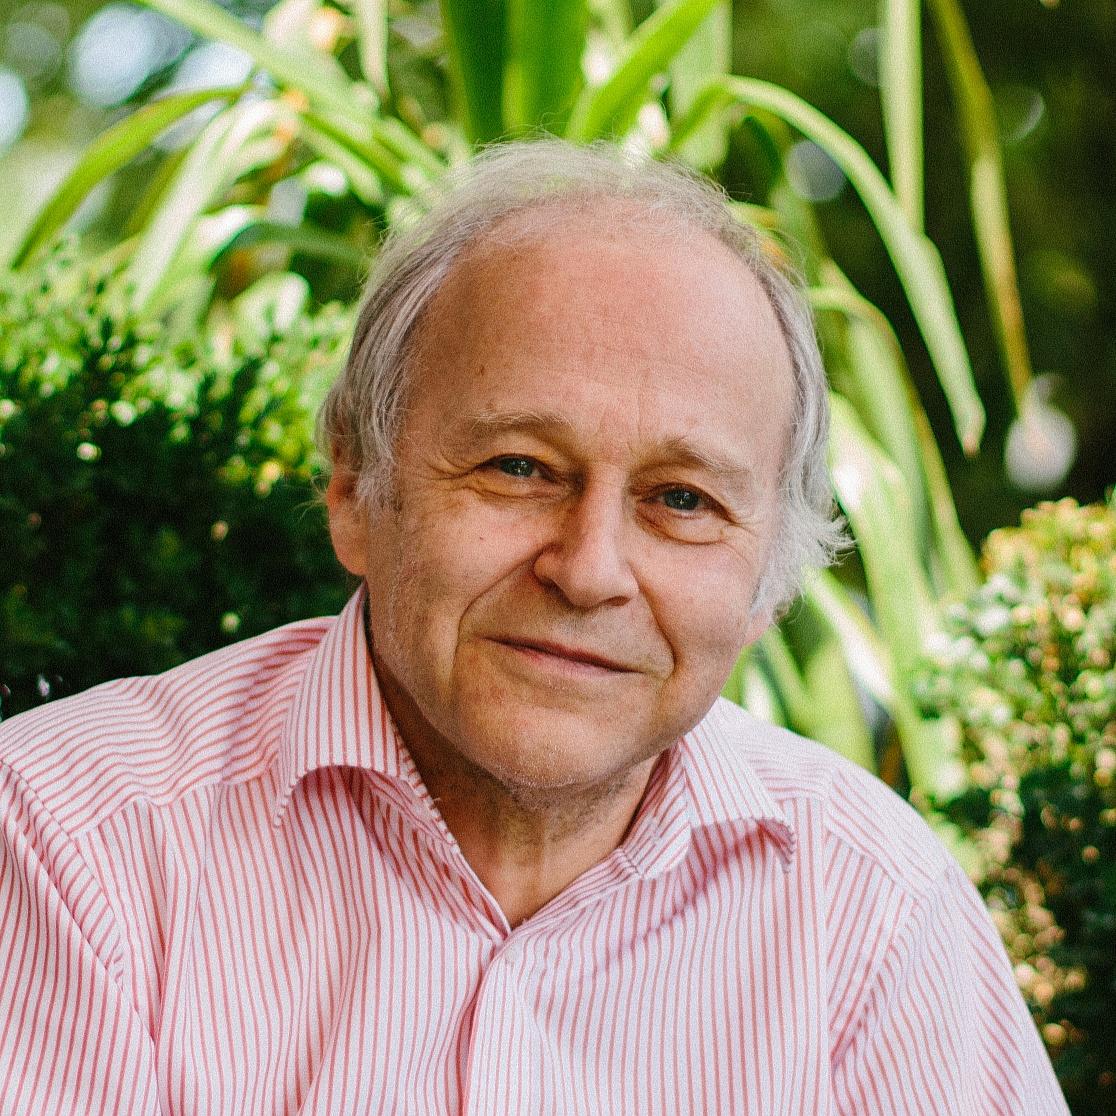 Fischer Ádám: A segítségnyújtás nem lehet bűncselekmény